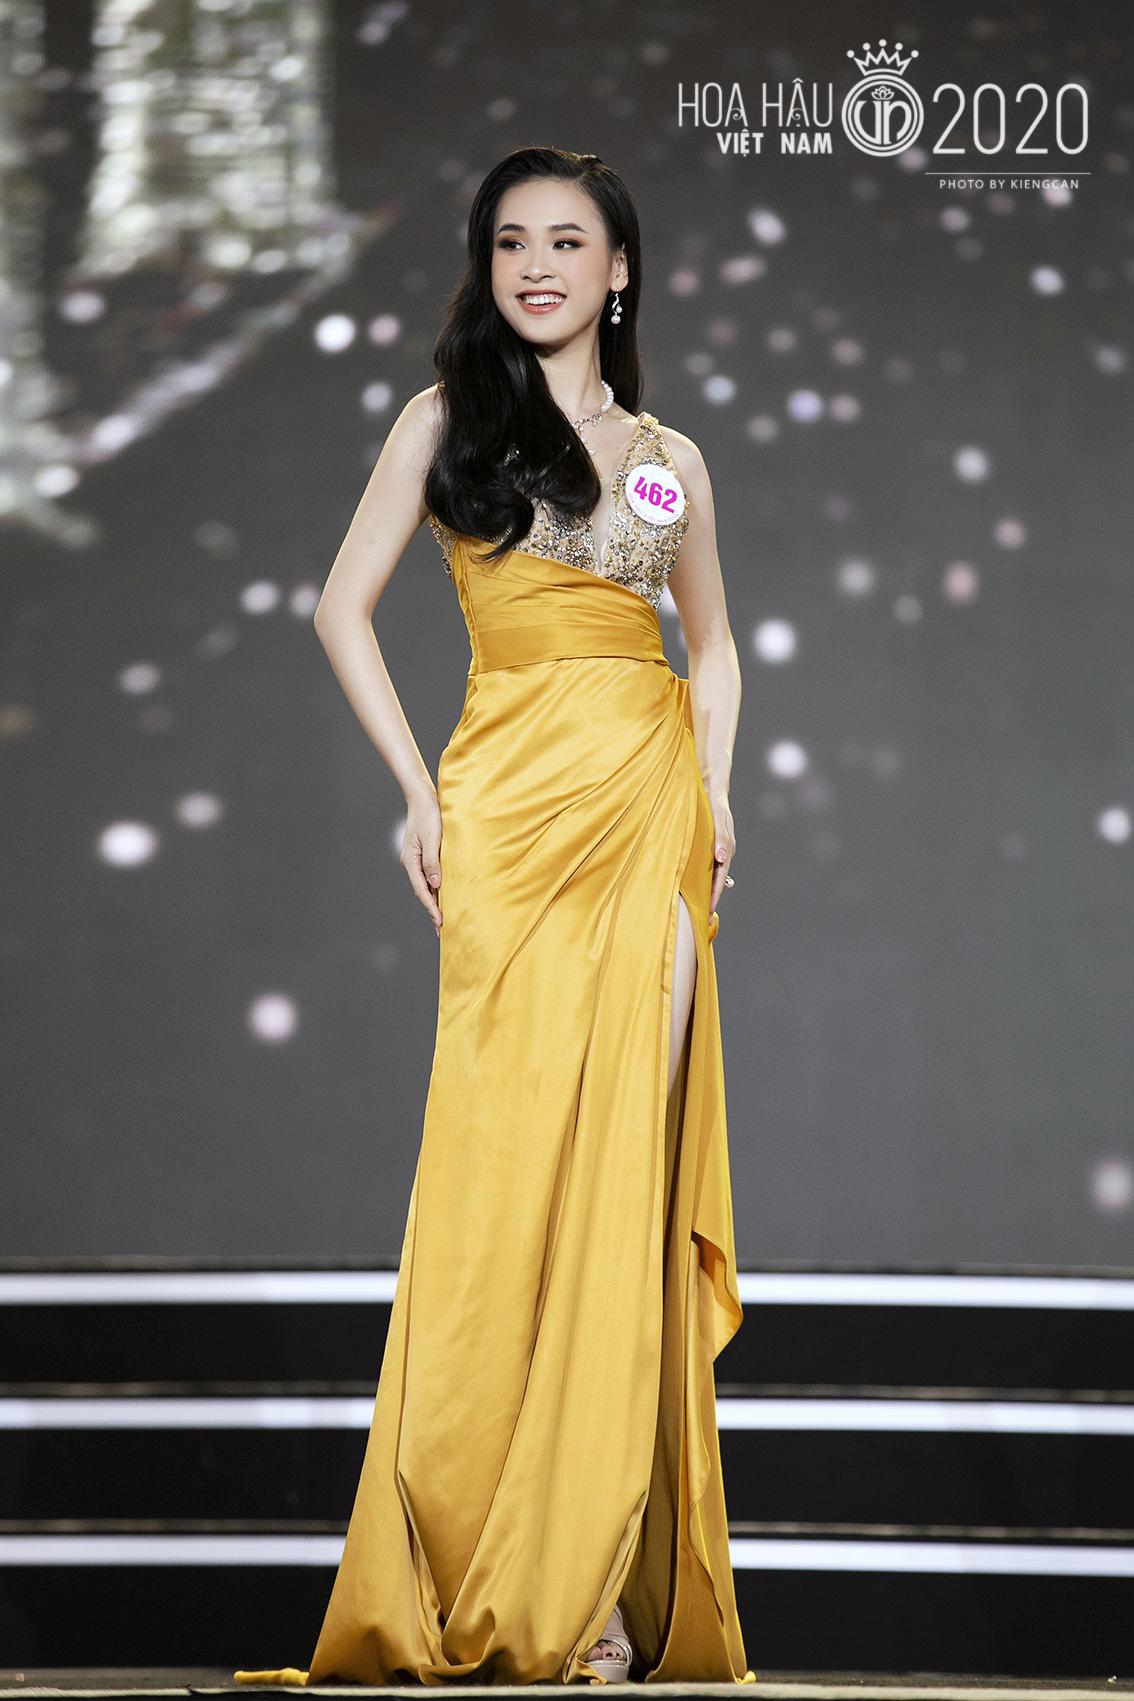 Quyến rũ trong từng đường nét, người đẹp hàng không đi tiếp vào Chung kết Hoa hậu Việt Nam 2020 - Ảnh 6.